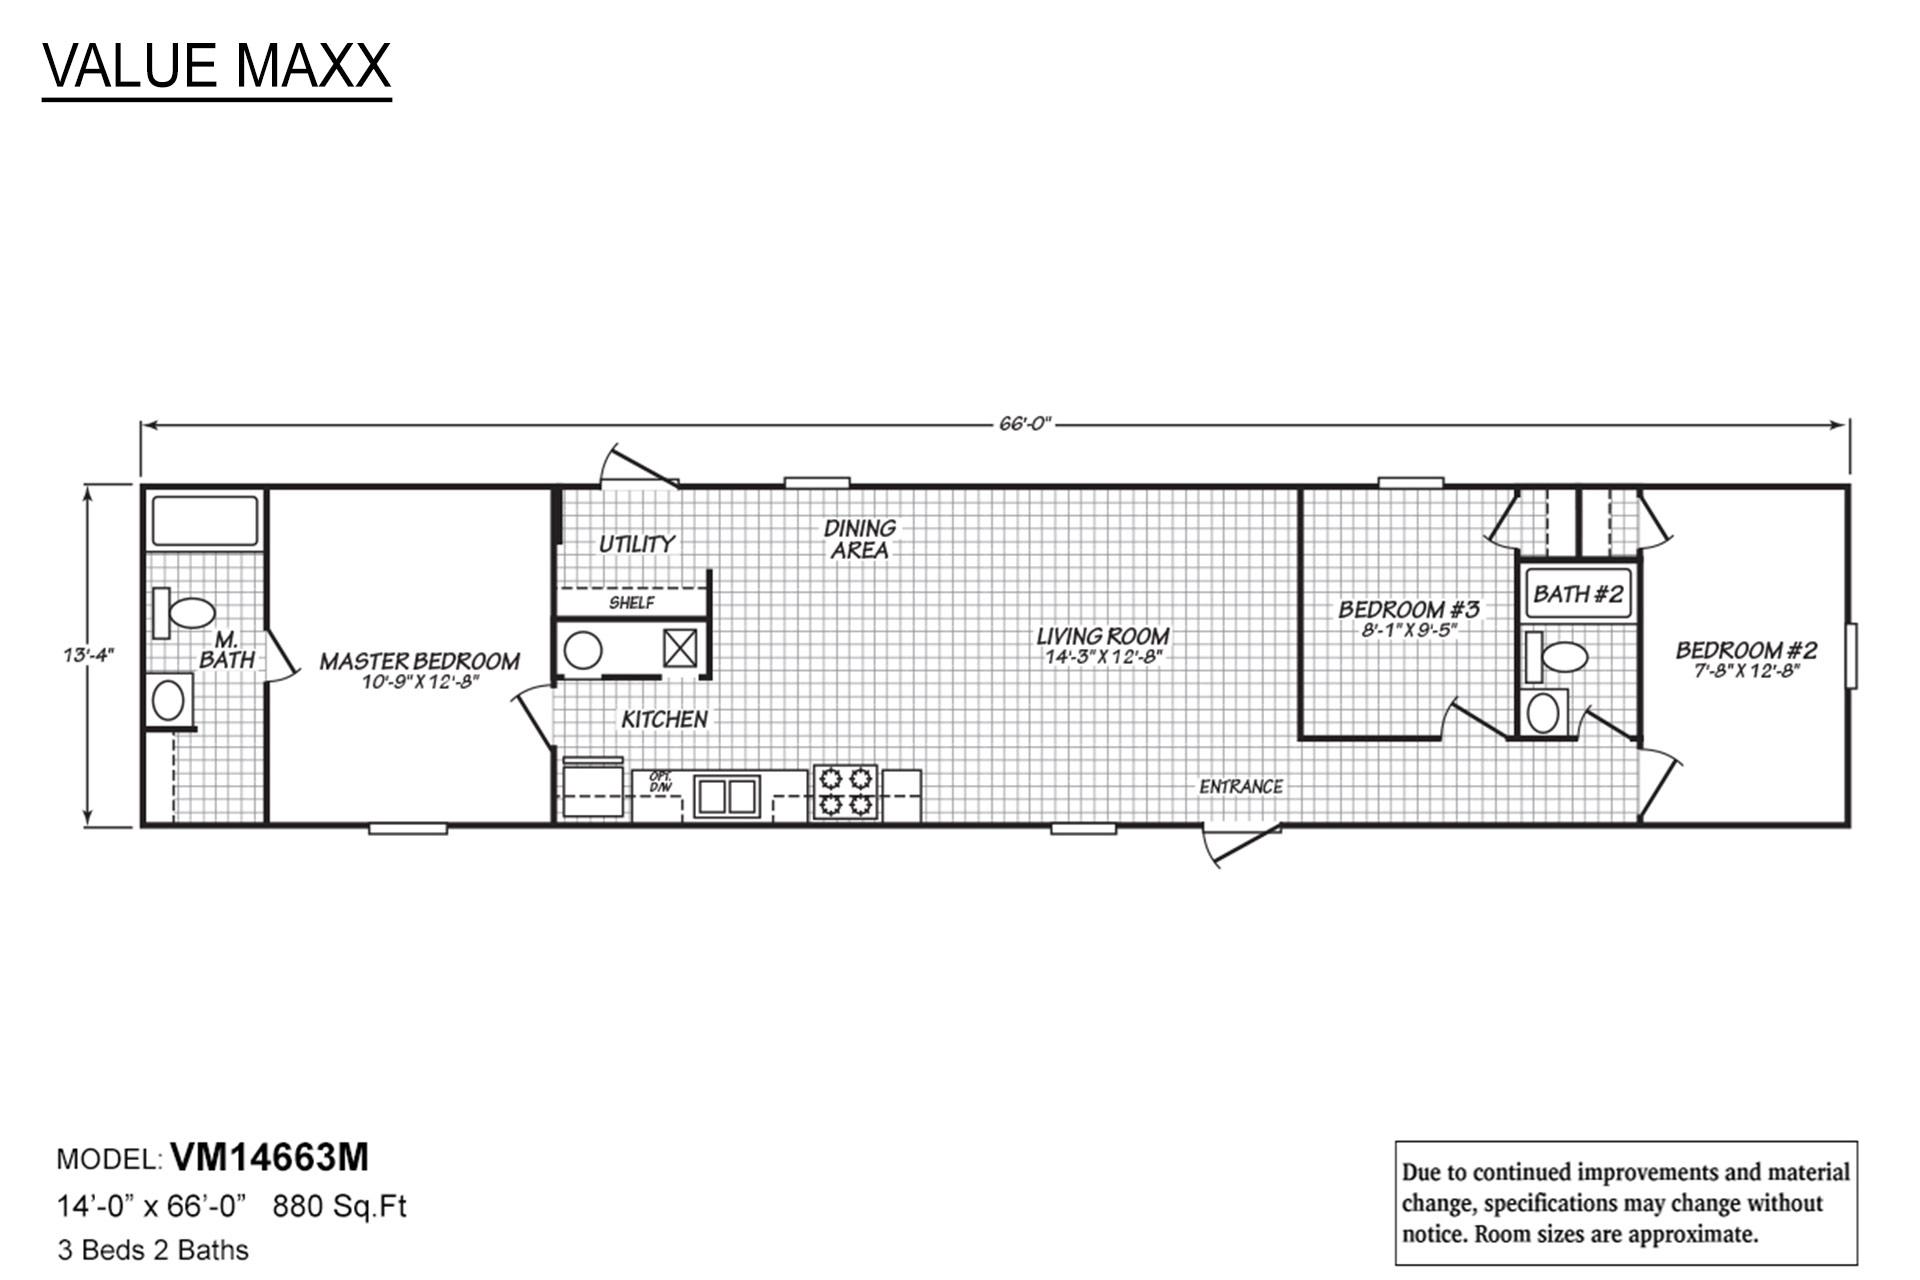 Value Maxx VM-14663M Layout